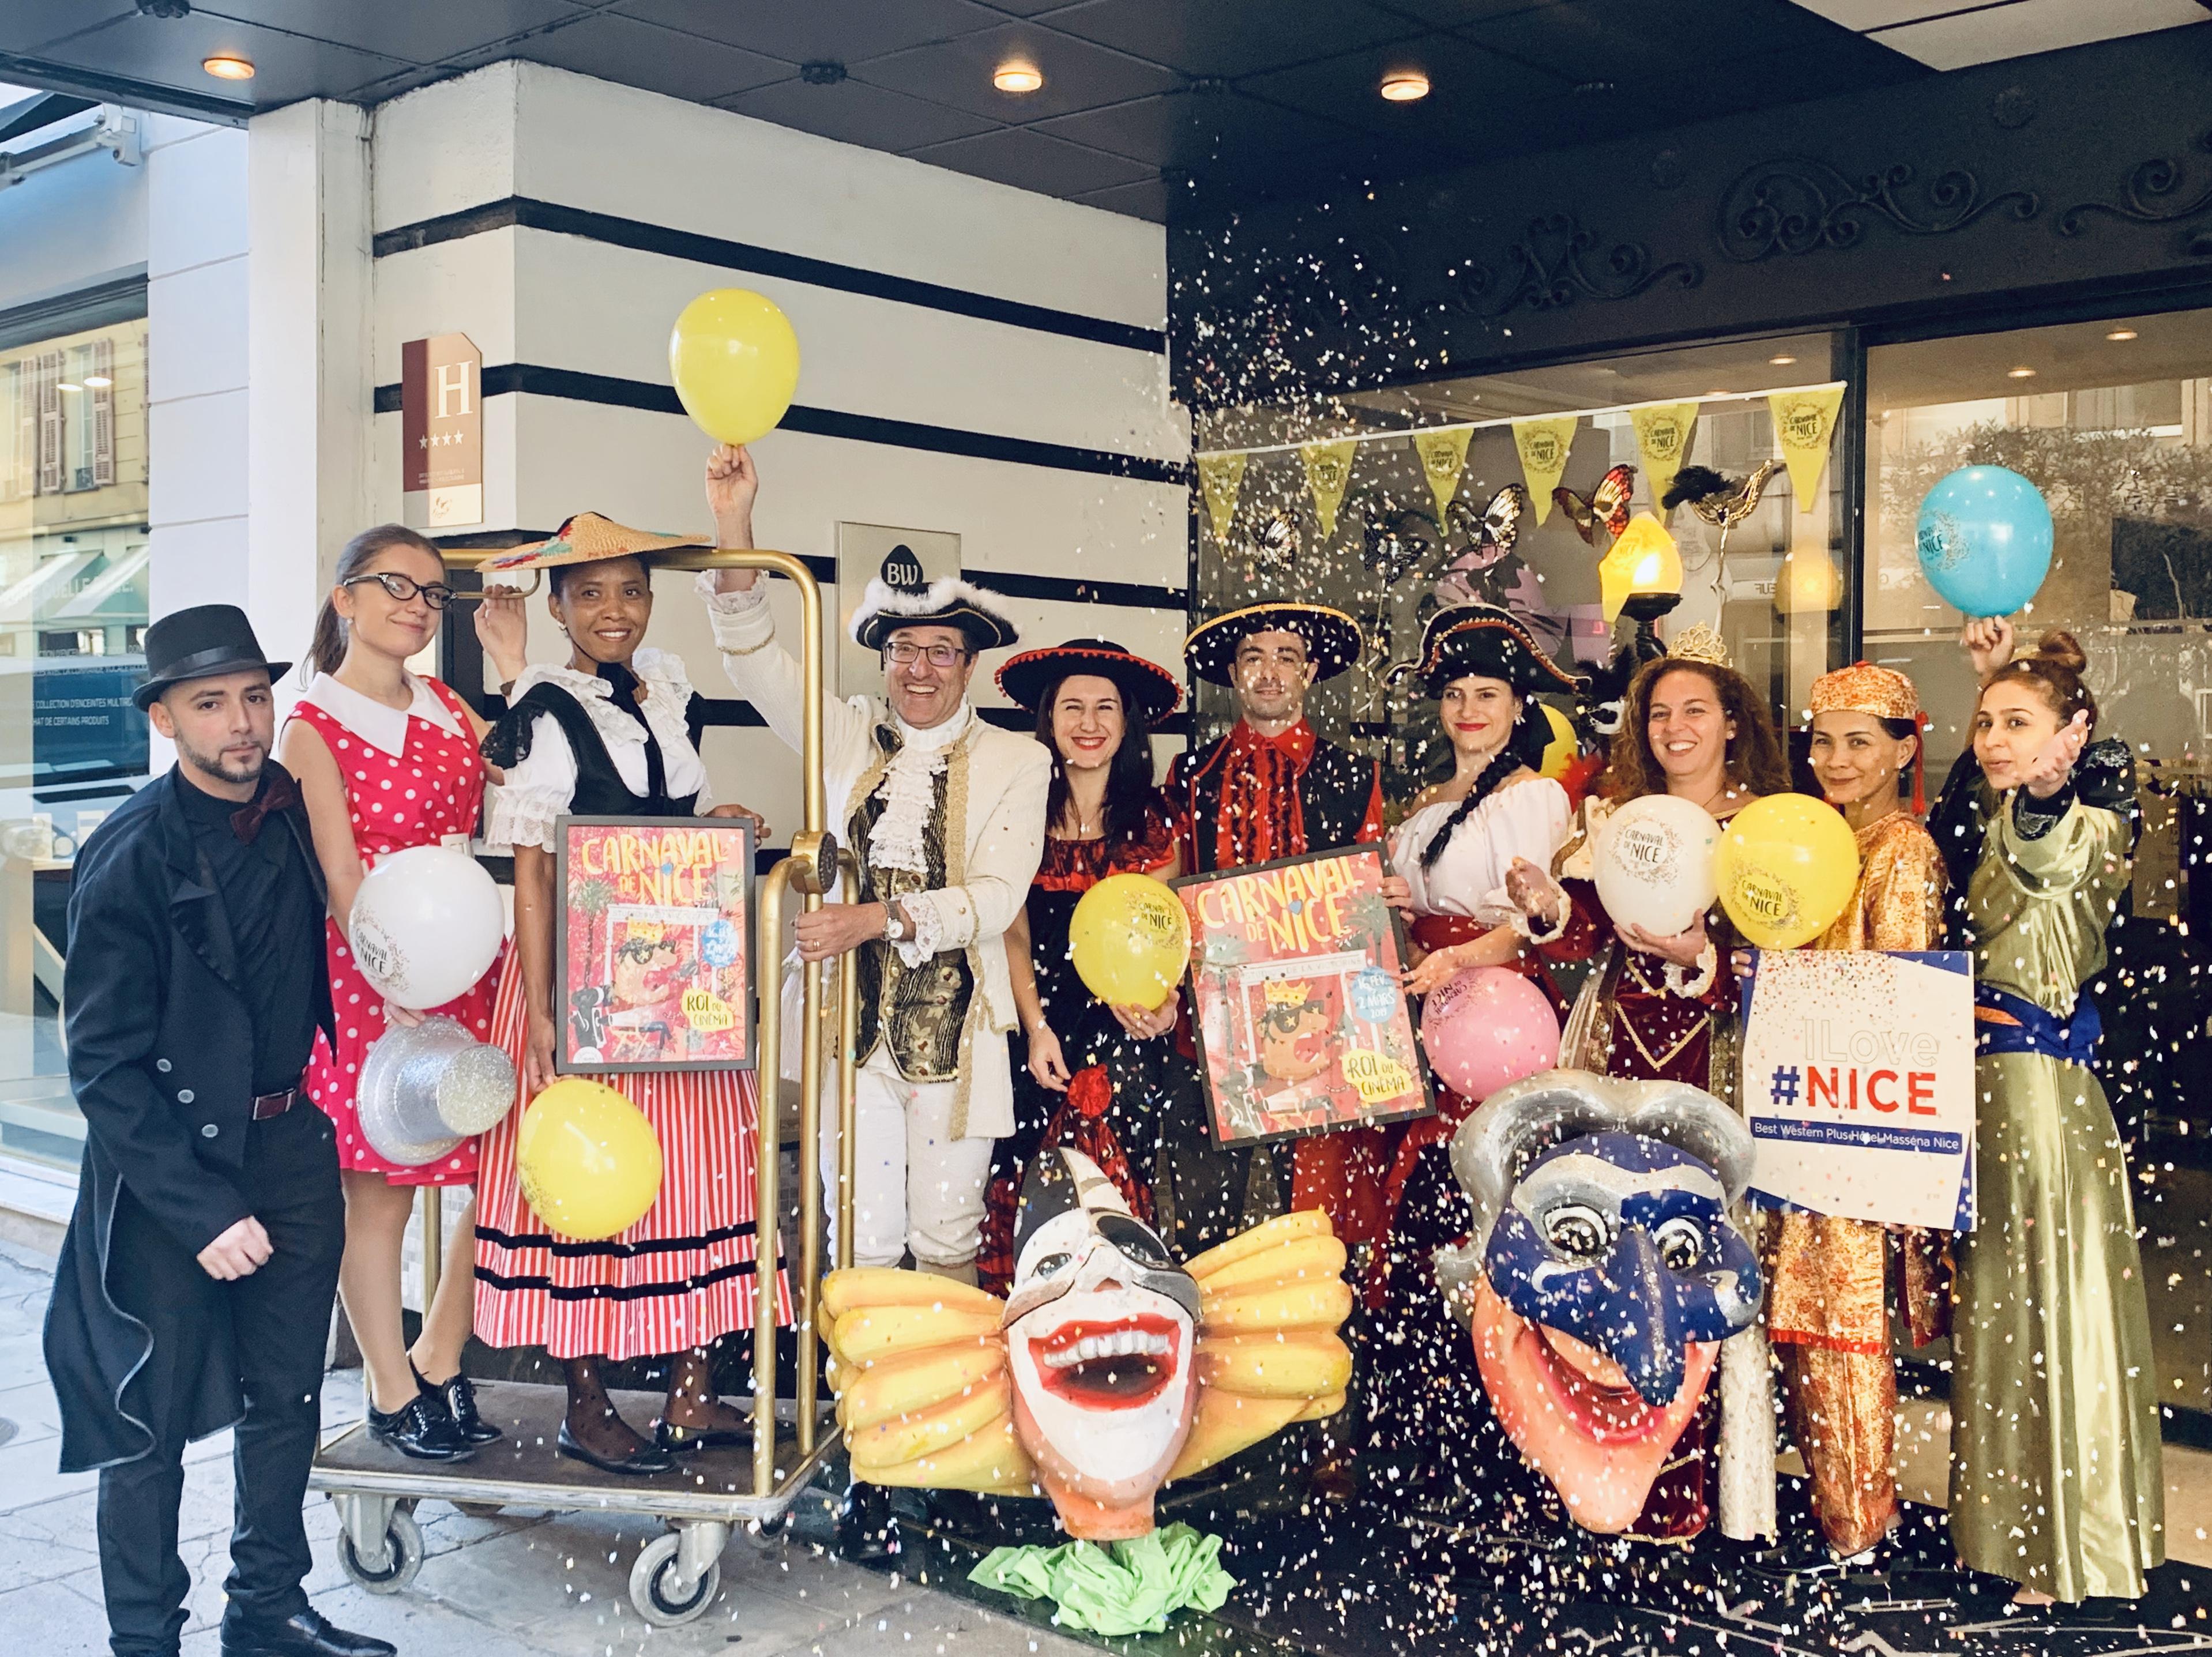 Carnaval de Nice au Best Western Plus Hôtel Masséna Nice